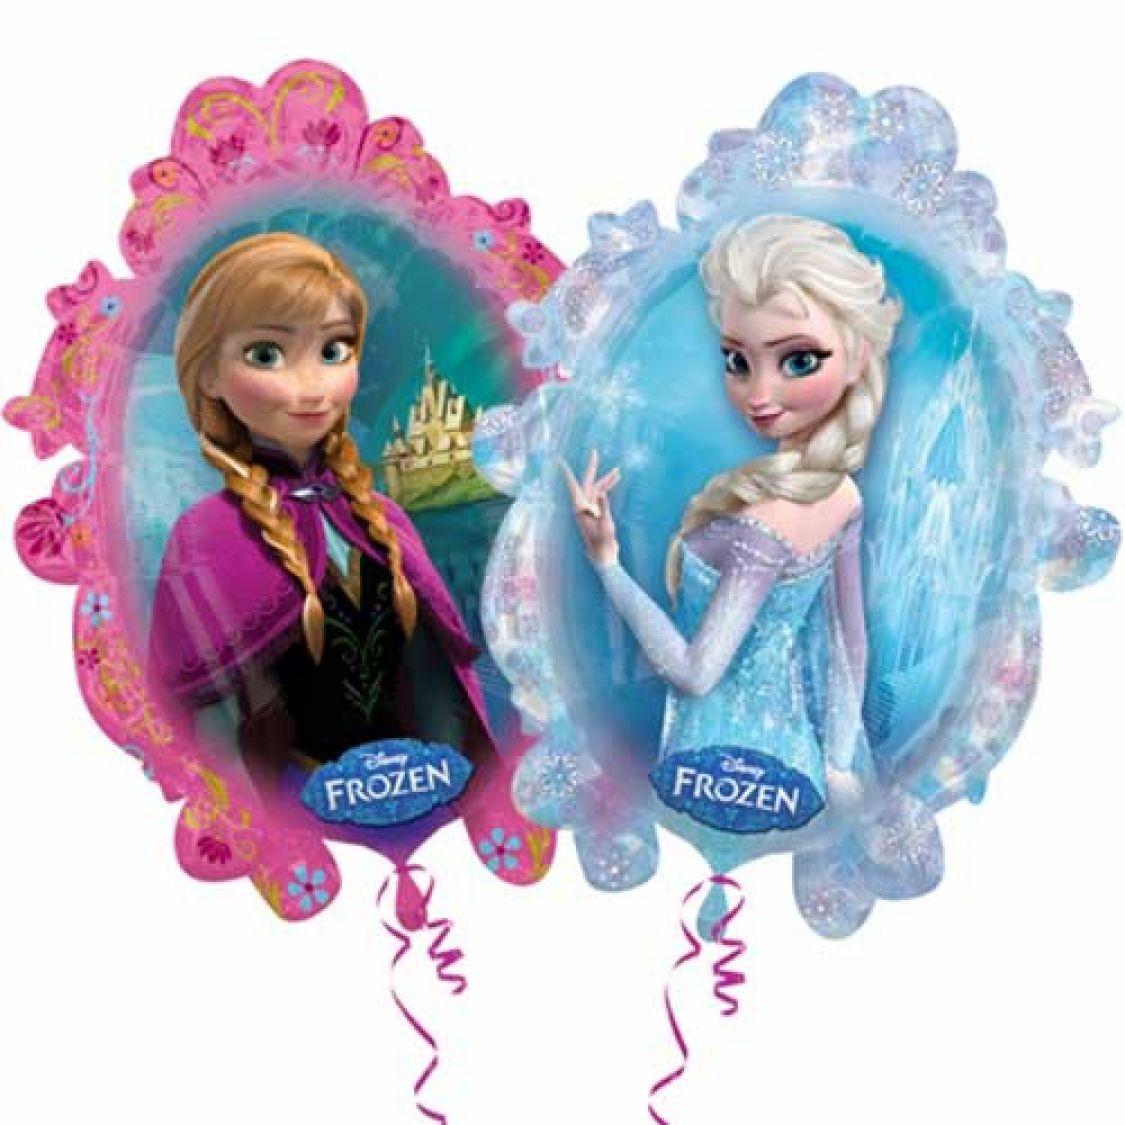 Ballon reine des neige - Regarder la reine des neige ...